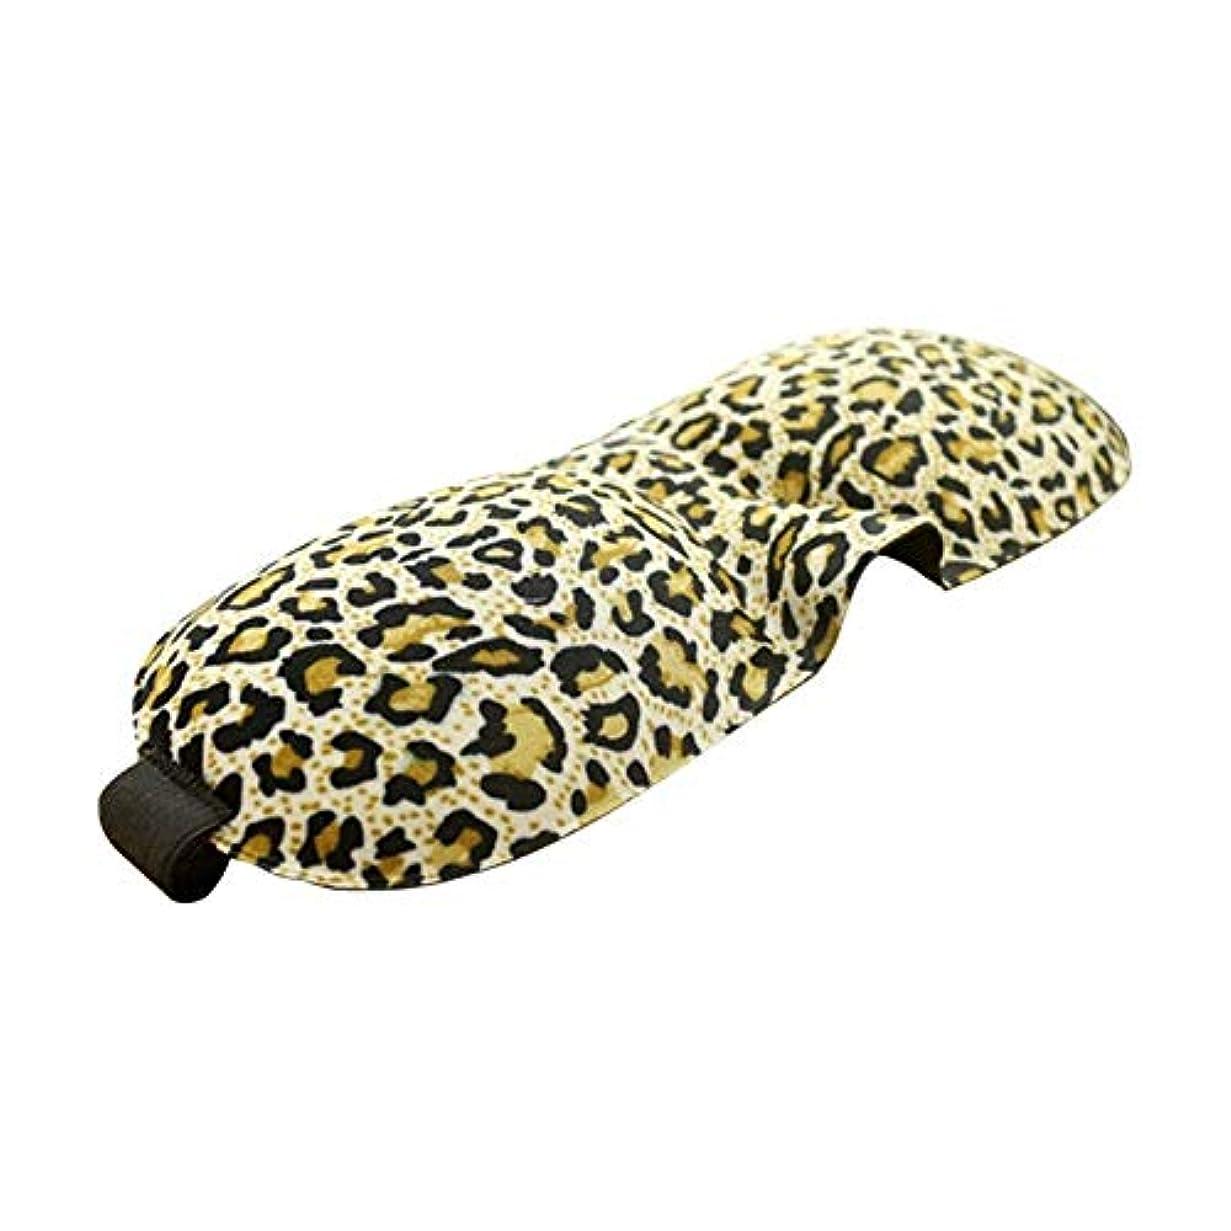 稚魚耐える反響するNOTE ポータブル3dスリーピングアイマスク睡眠休息補助ソフトトラベルアイシェードカバーアイパッチ最高のアイケアツール夏用